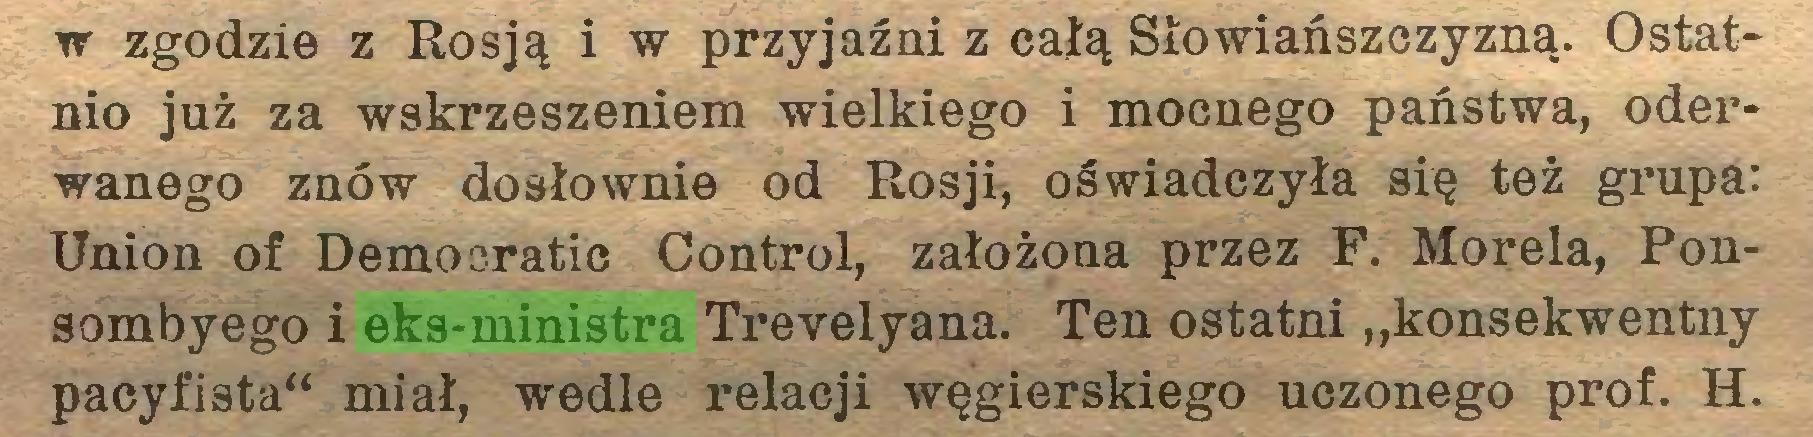 """(...) w zgodzie z Rosją i w przyjaźni z całą Słowiańszczyzną. Ostatnio już za wskrzeszeniem wielkiego i mocnego państwa, oderwanego znów dosłownie od Rosji, oświadczyła się też grupa: Union of Démocratie Control, założona przez F. Morela, Ponsombyego i eks-ministra Trevelyana. Ten ostatni """"konsekwentny pacyfista"""" miał, wedle relacji węgierskiego uczonego prof. H..."""